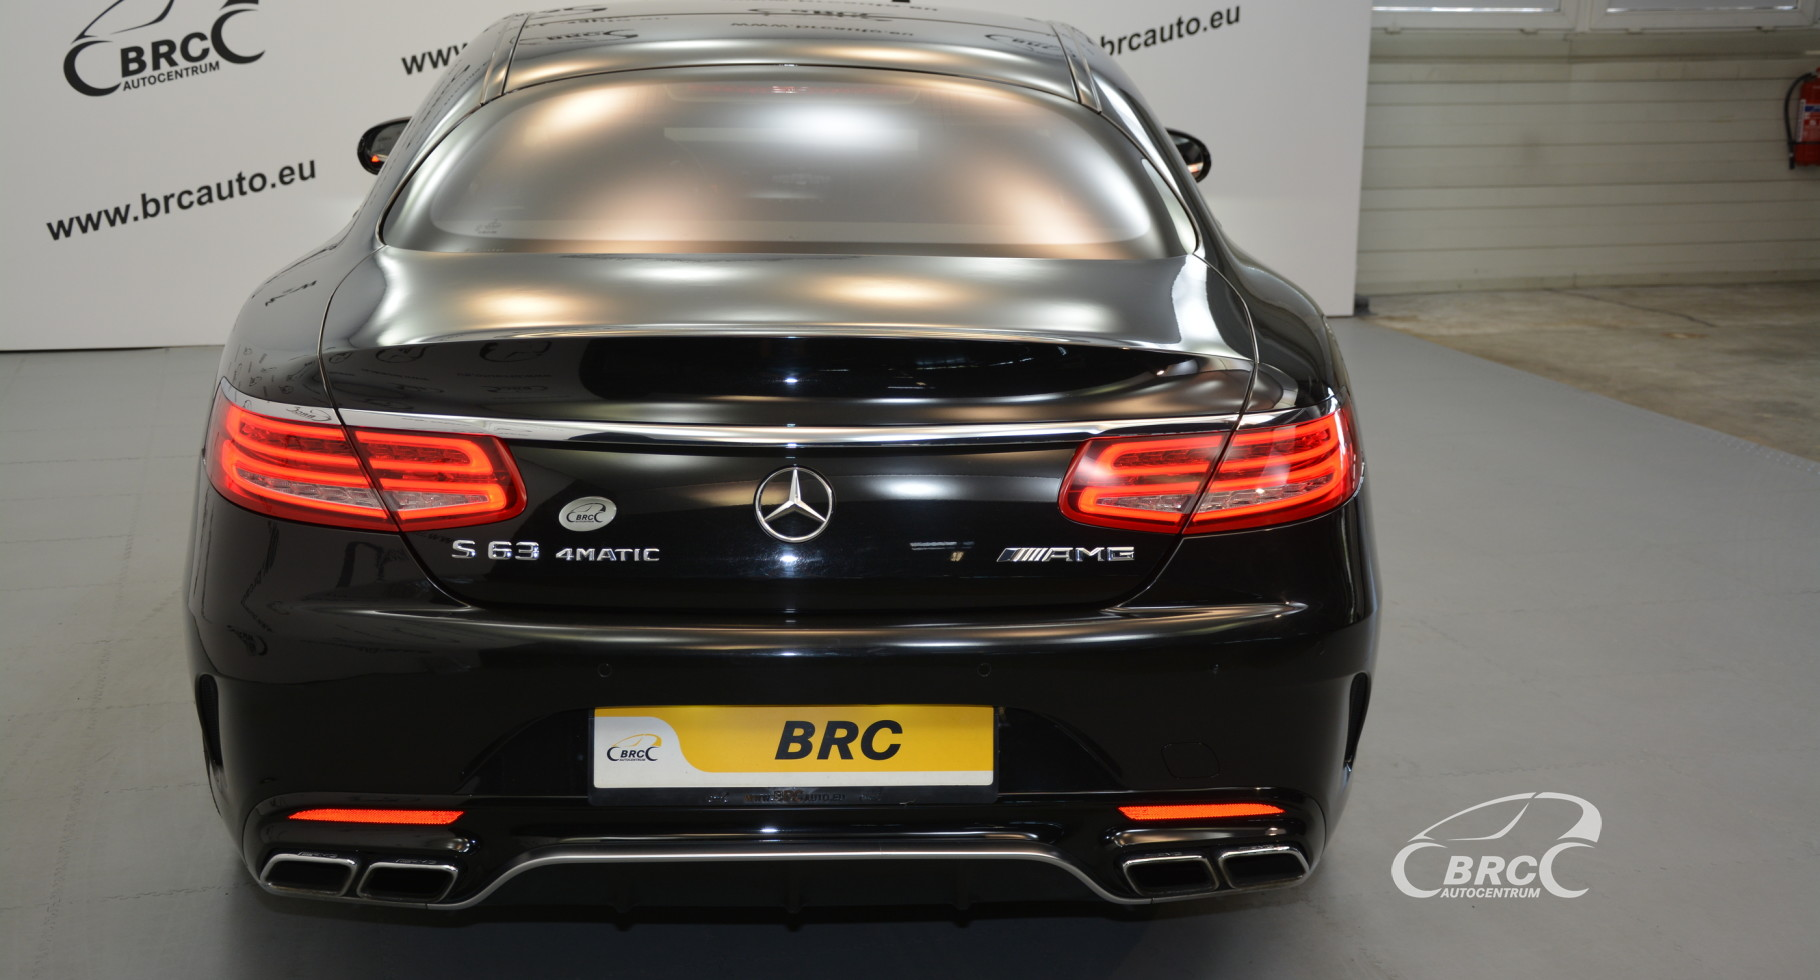 Mercedes-Benz S 63 AMG V8 BiTurbo 4MATIC Automatas